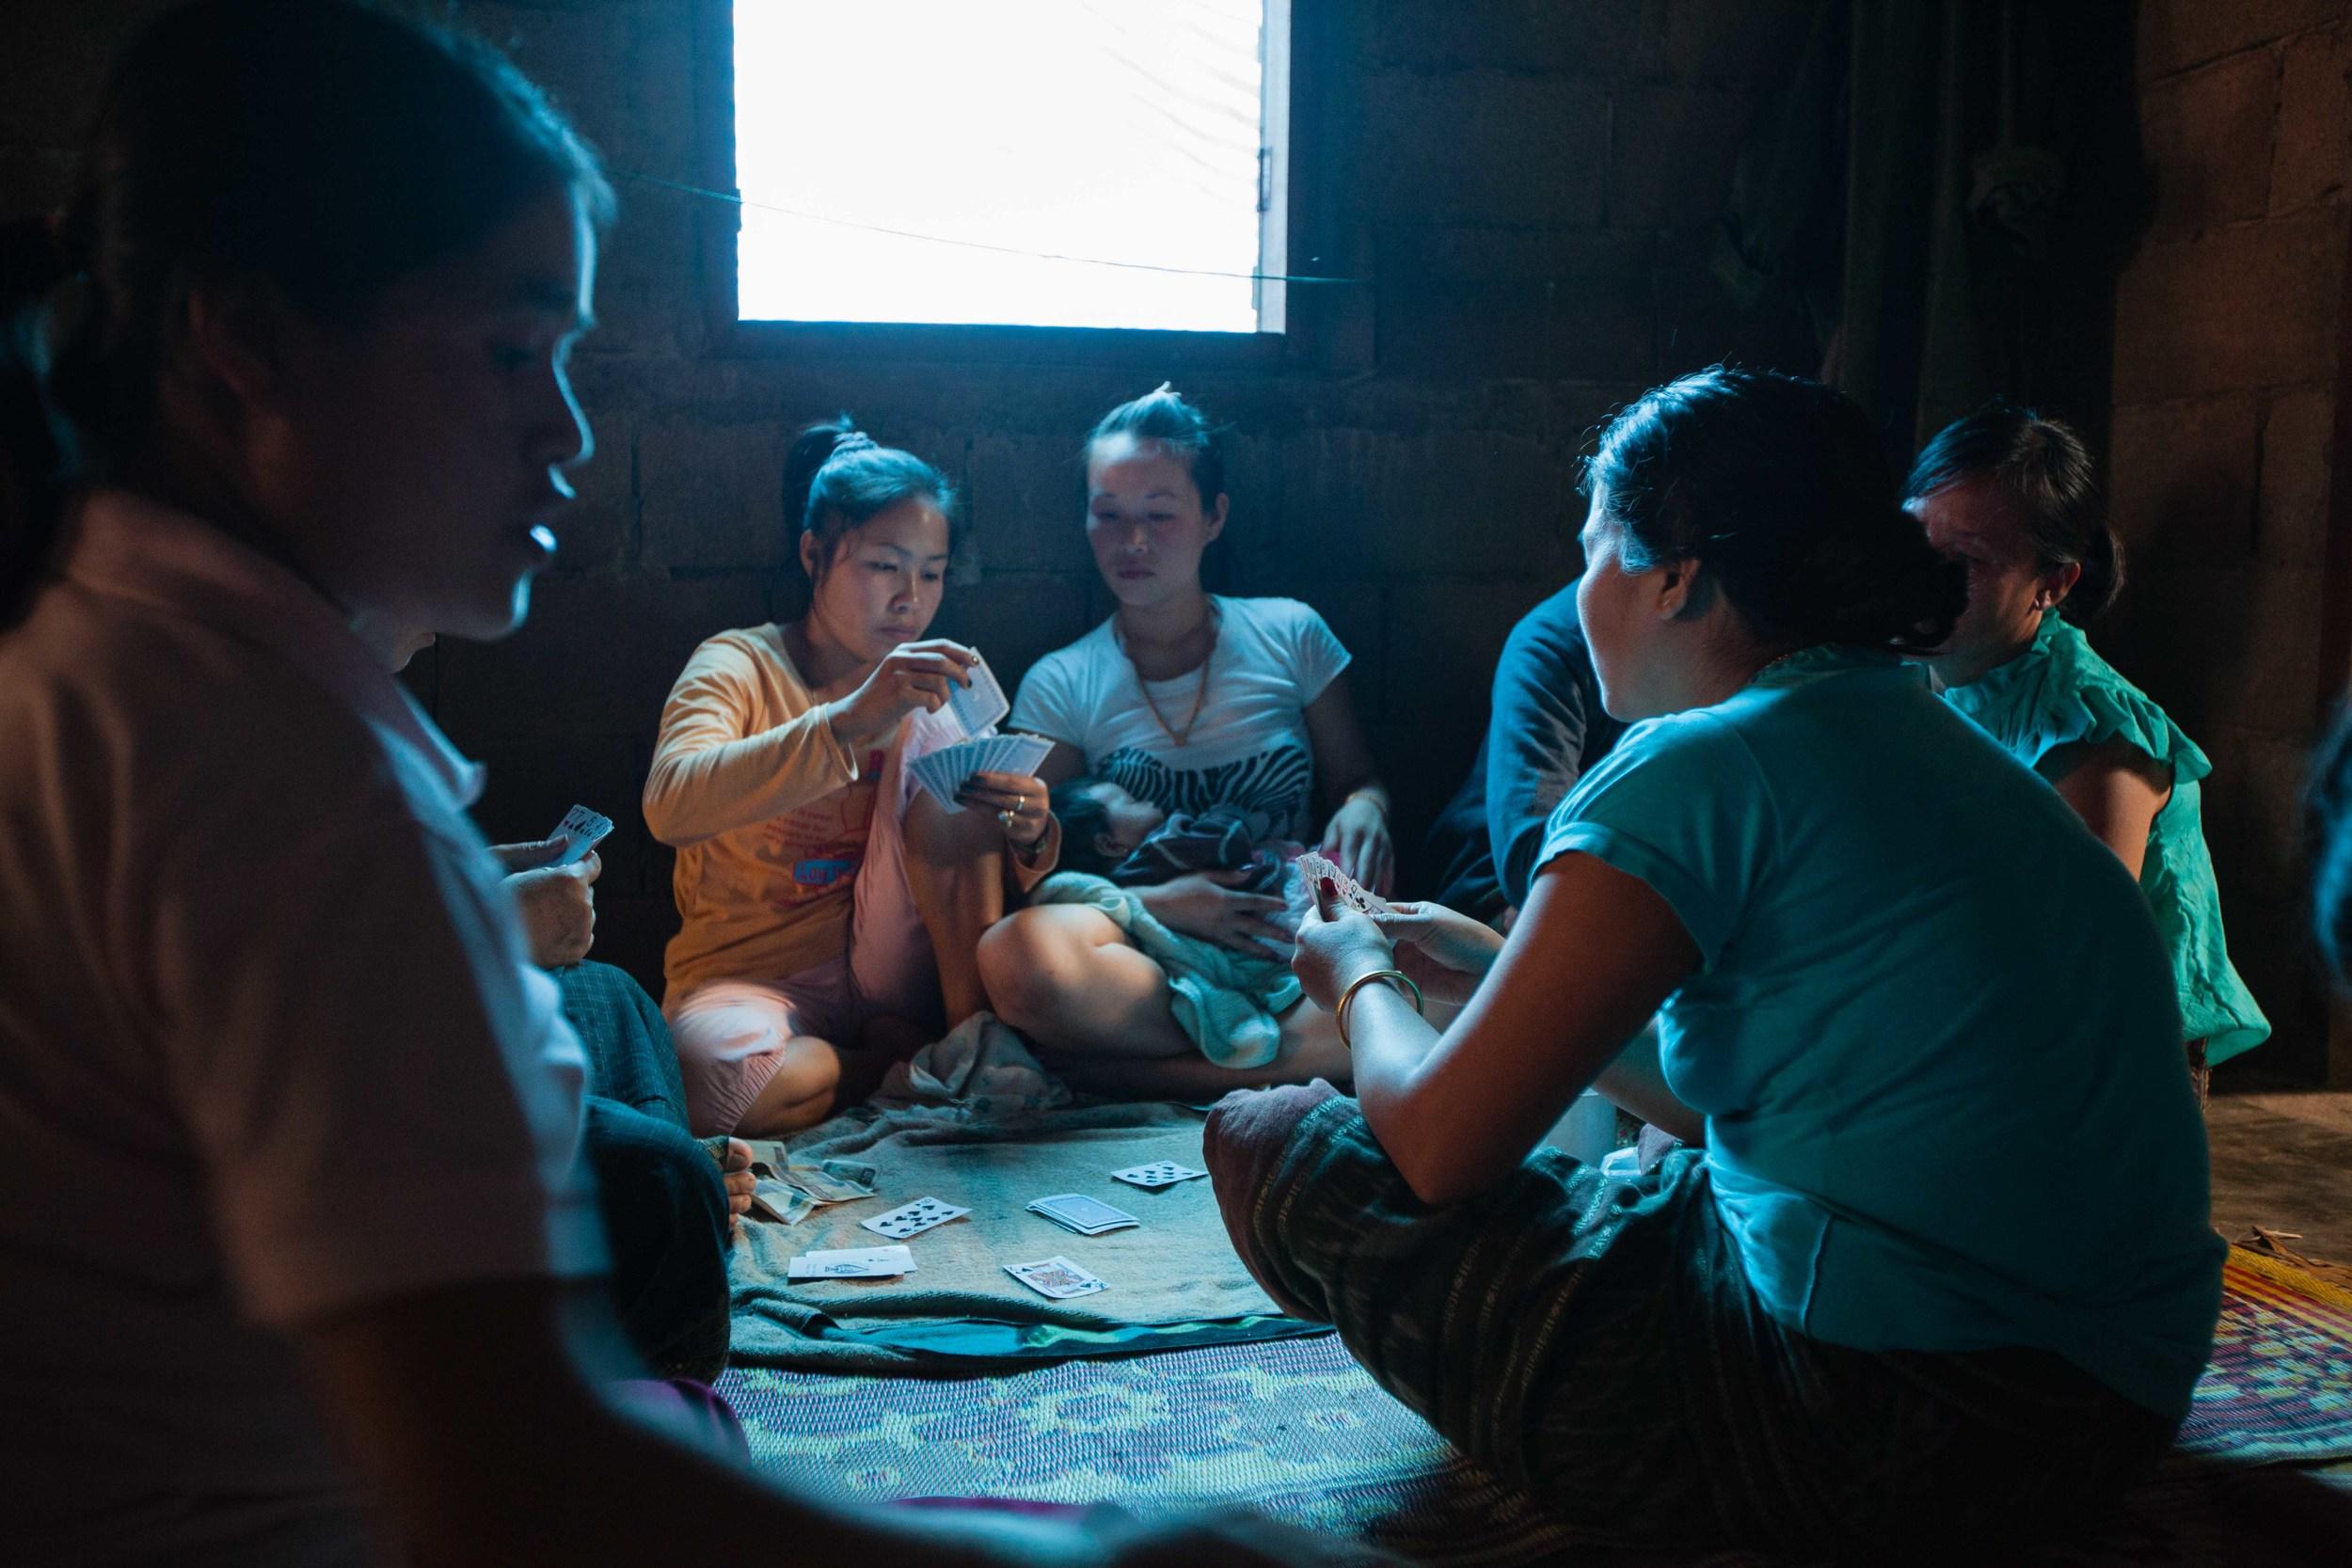 Muang Ngoi women. Credit: Andy Isaacson